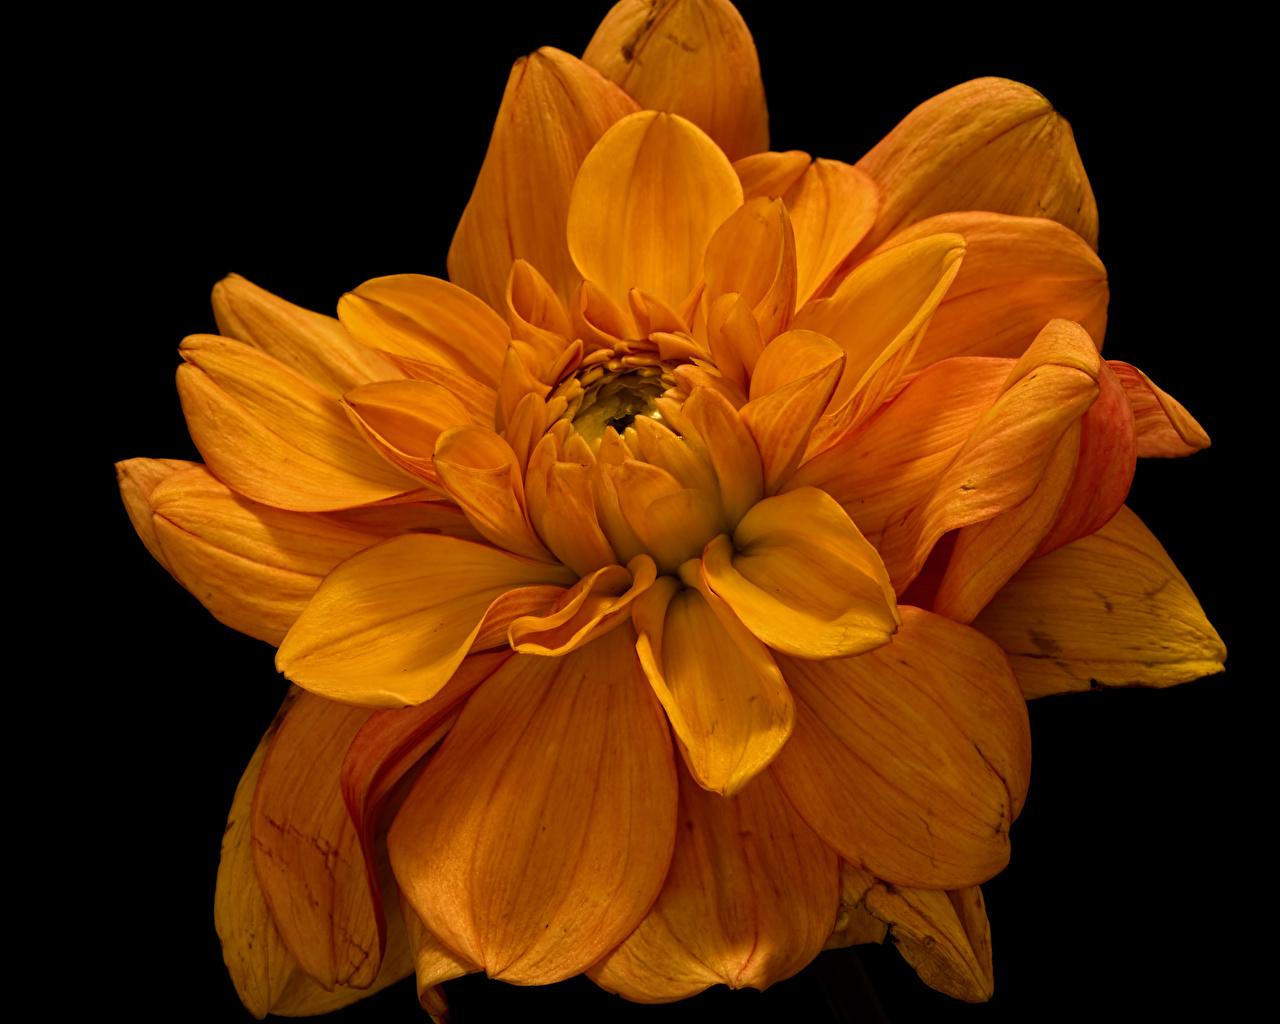 Achtergronden bureaublad Oranje bloem chrysanthemum van dichtbij Zwarte achtergrond Bloemen Chrysanten Close-up